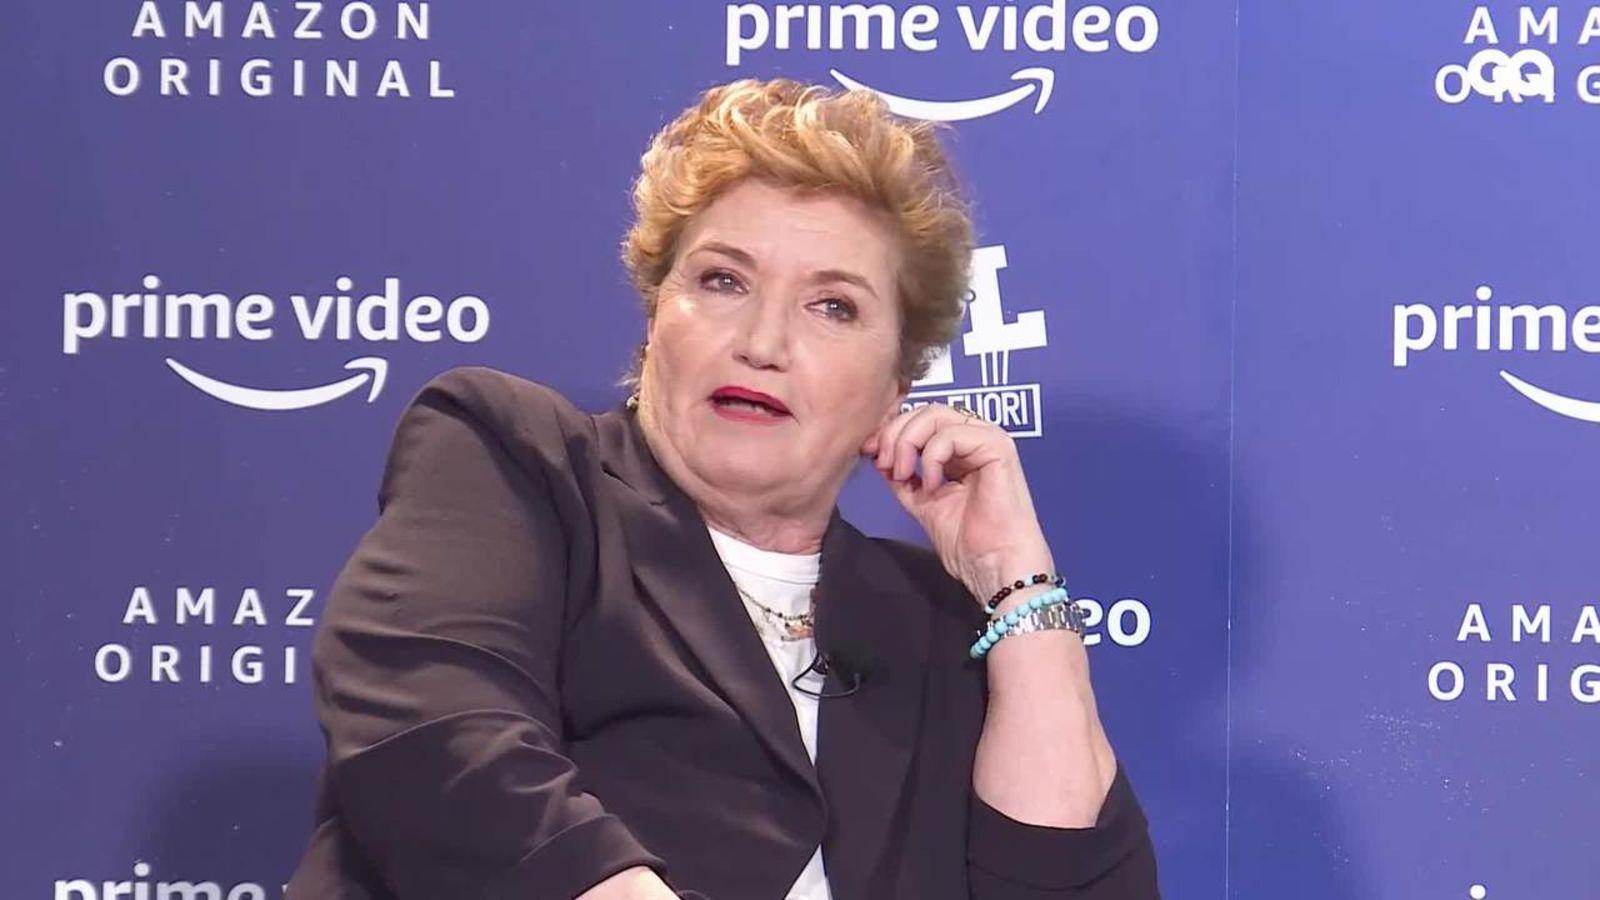 LOL, chi ride è fuori: lo show italiano su Amazon Prime Video